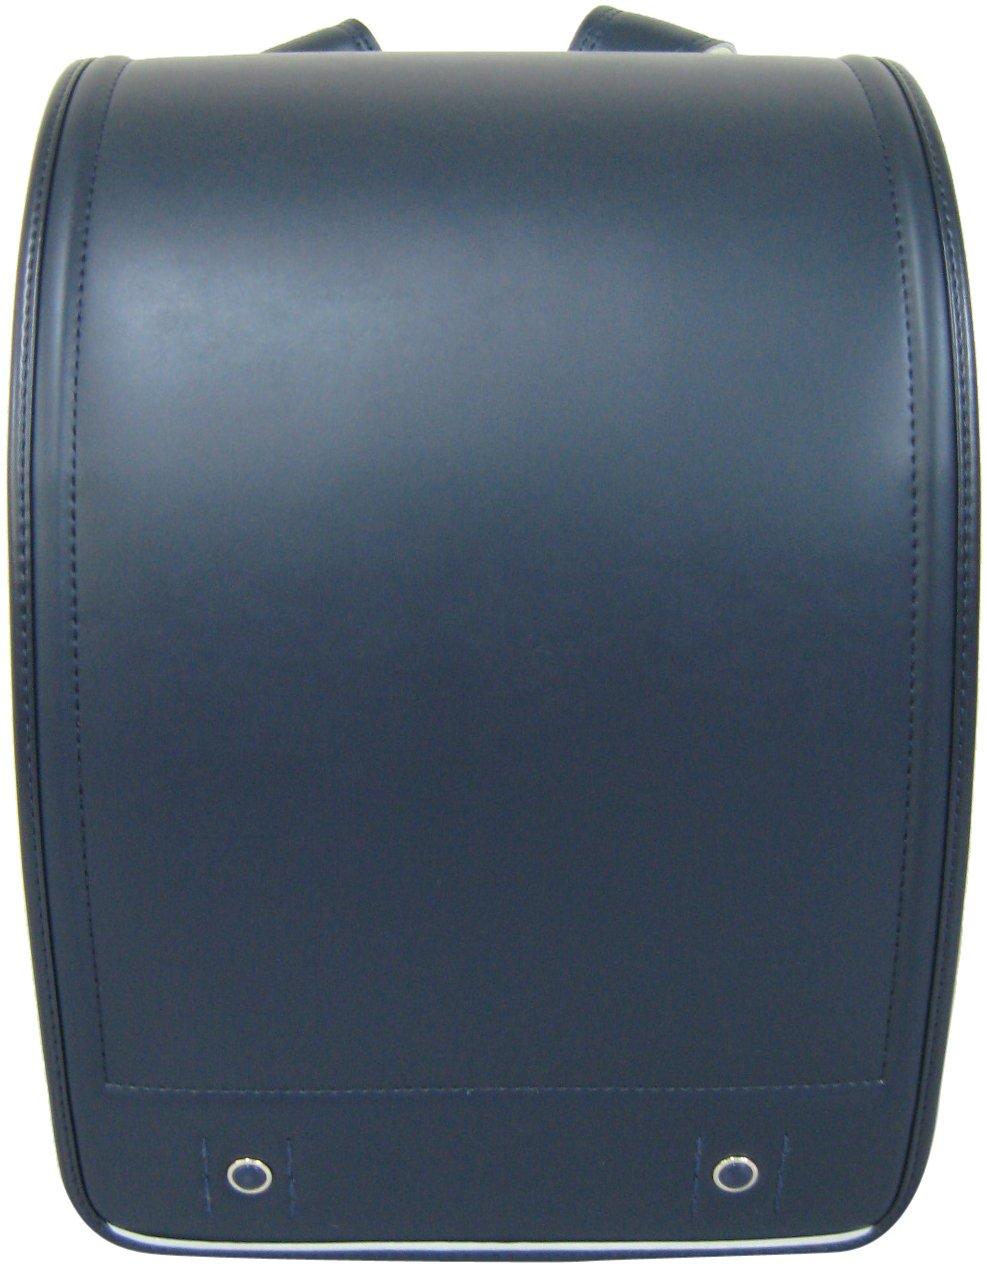 セイバン テックランガードランドセル A4クリアファイル対応サイズ ネイビー クラリーノR レミニカR SM-1202 B00EABIYAS